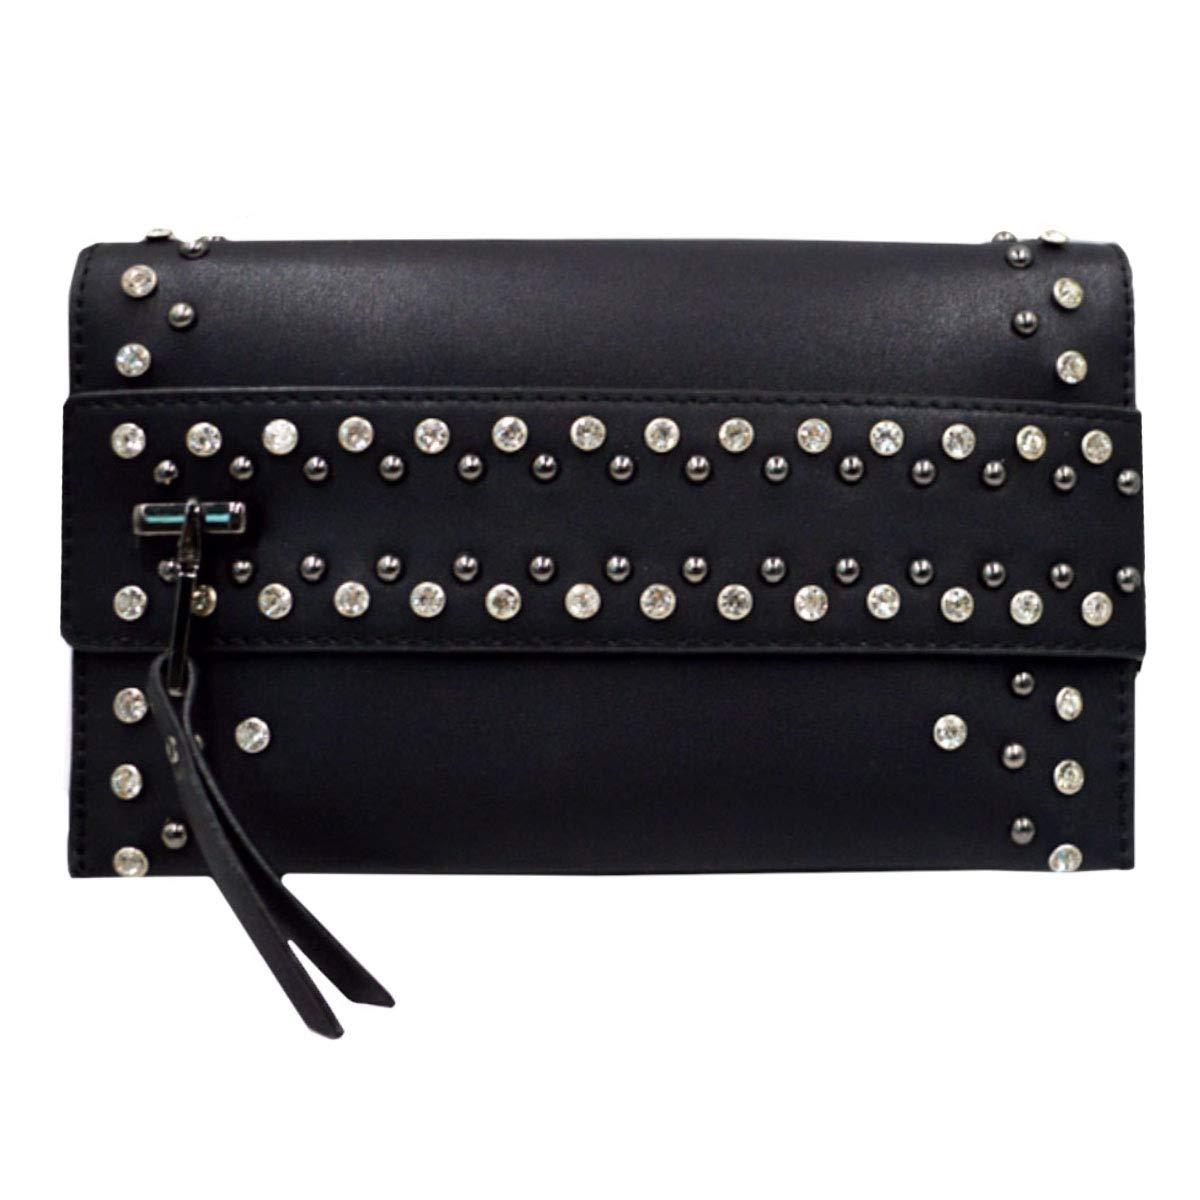 Goodbag Boutique Women Rivet Clutch Purse Bag Faux Leather Chain Clutch Handbag Lady Wristlet Purse Evening Bag